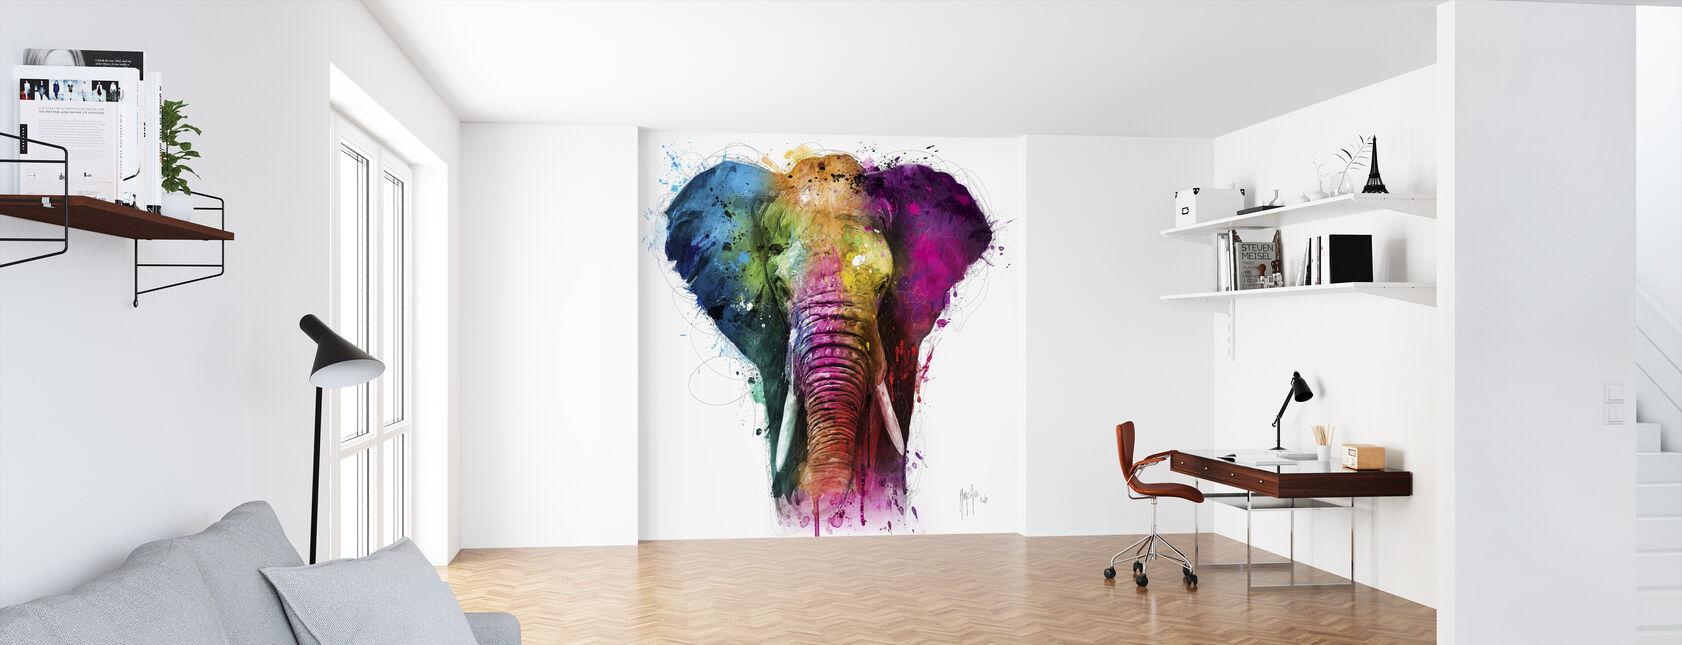 Africa Pop - Wallpaper - Office